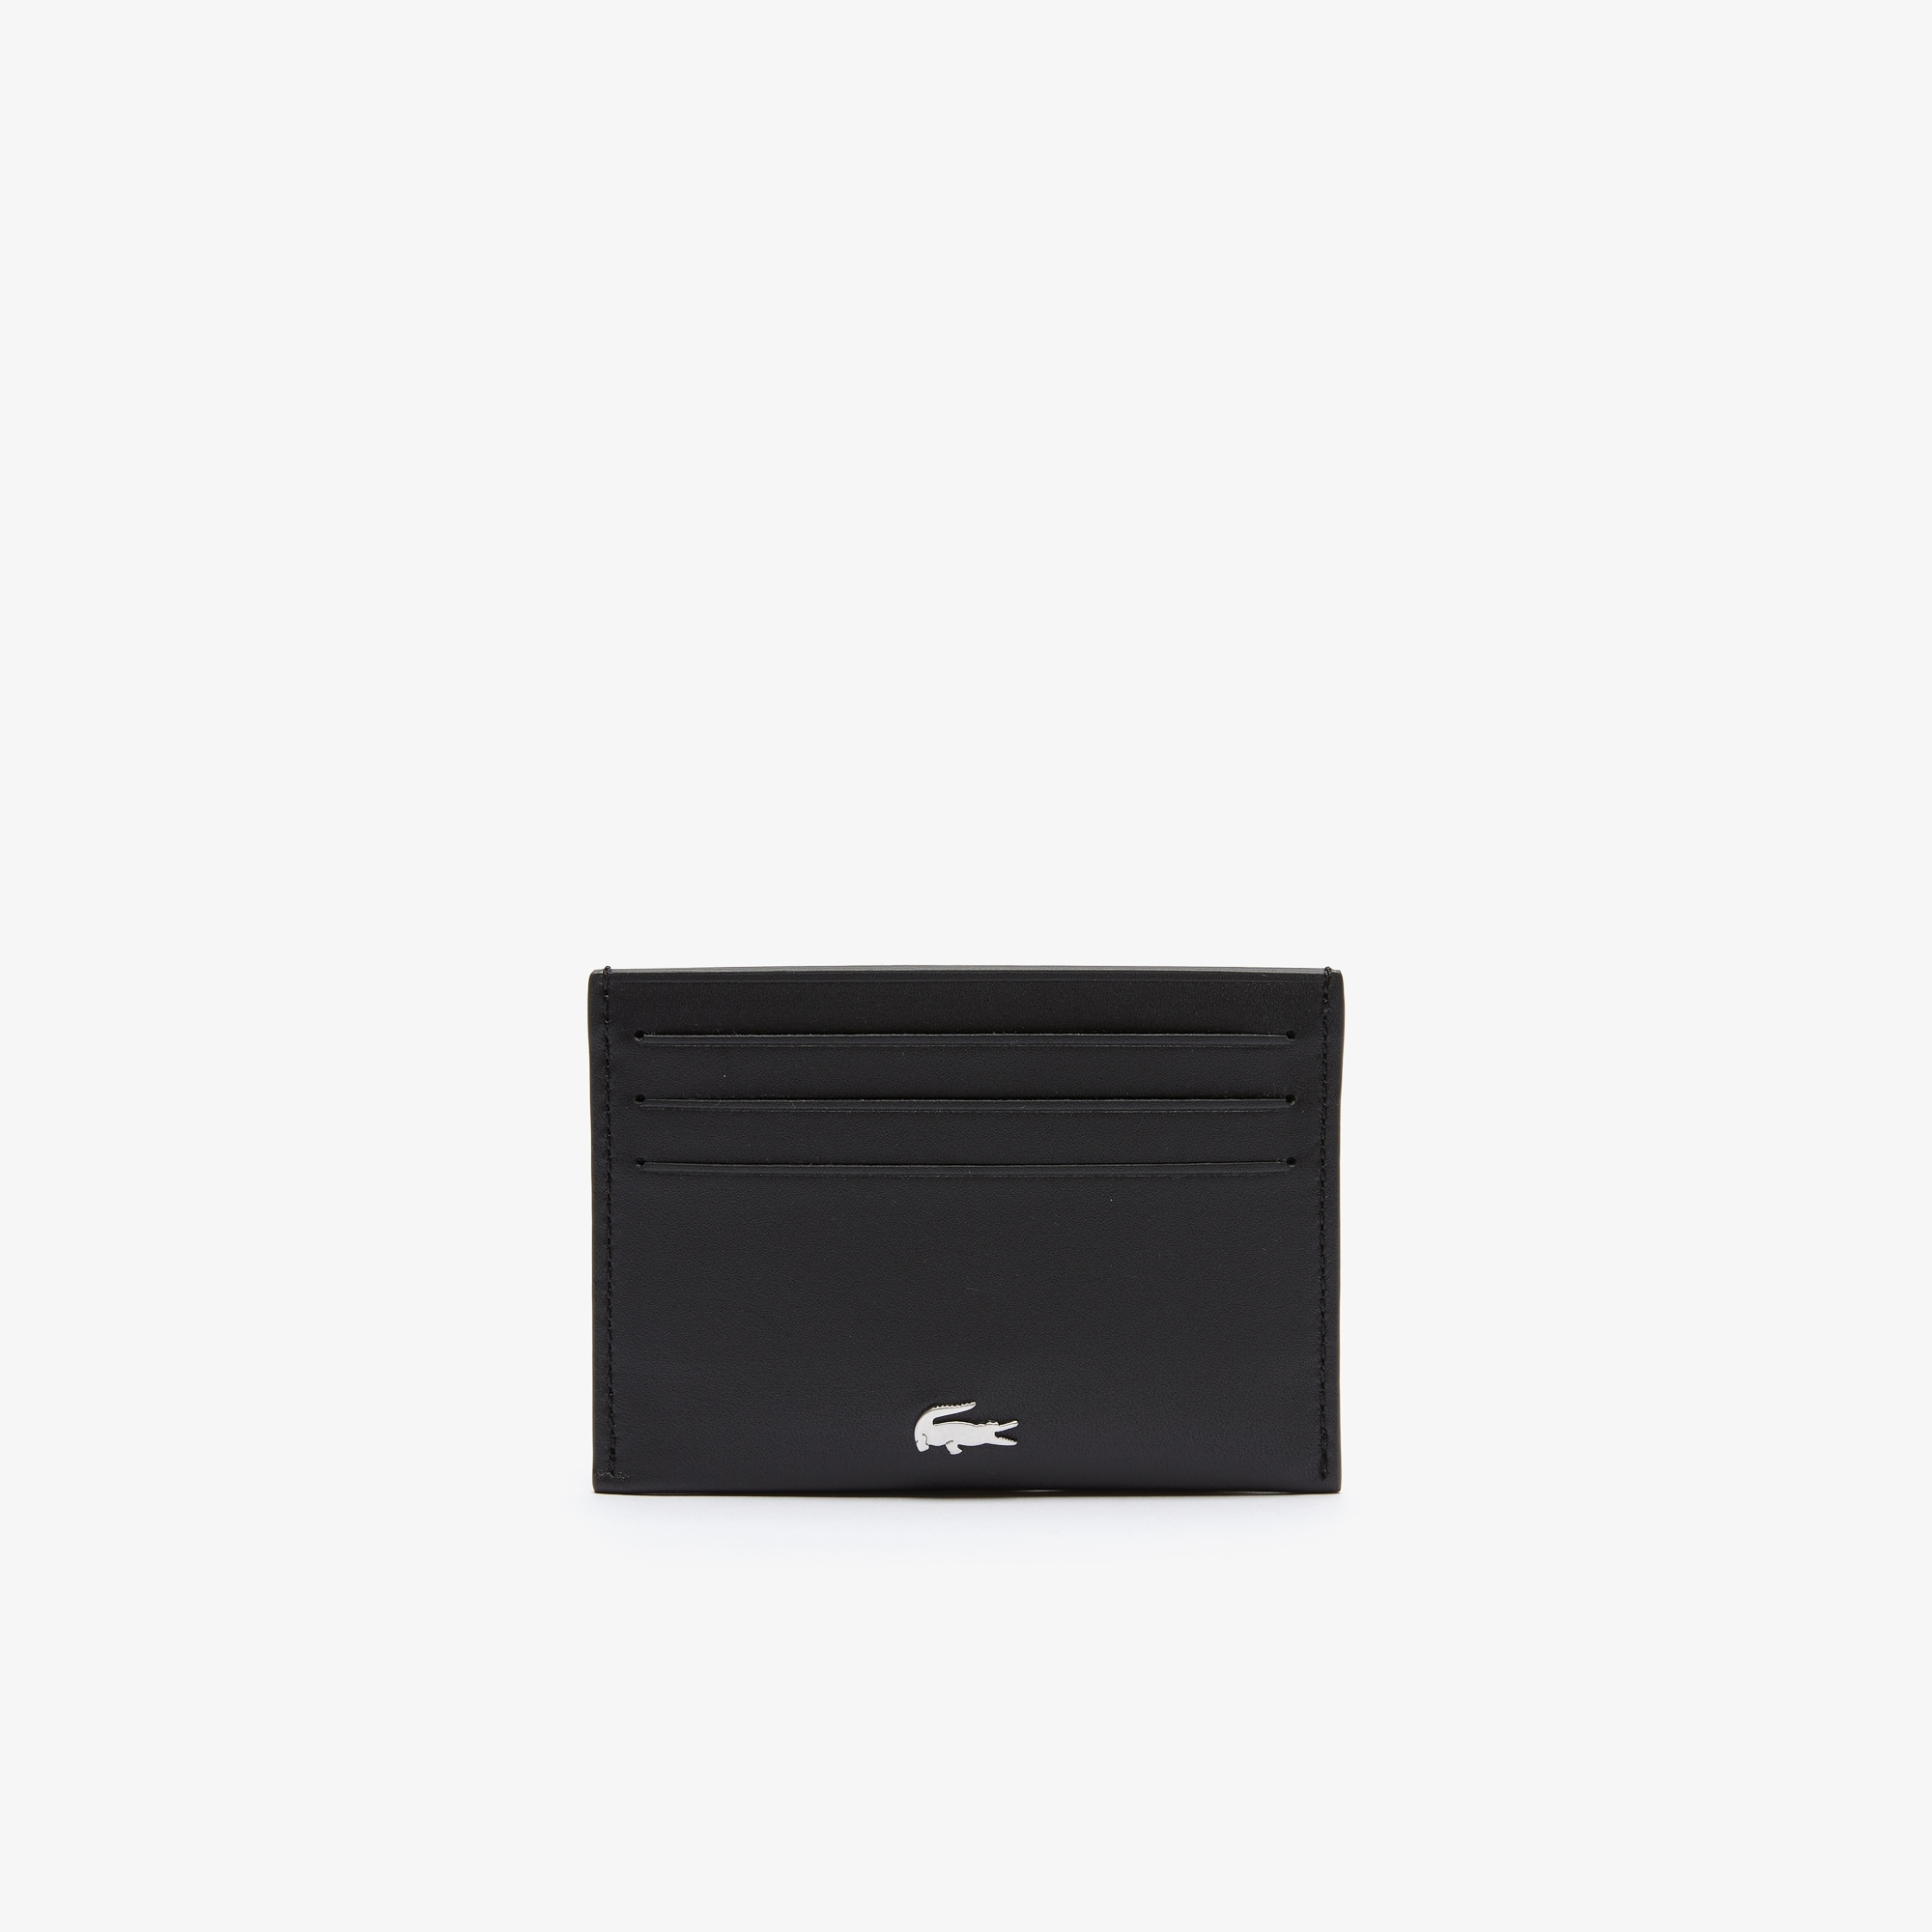 Porta carte di credito FG in pelle